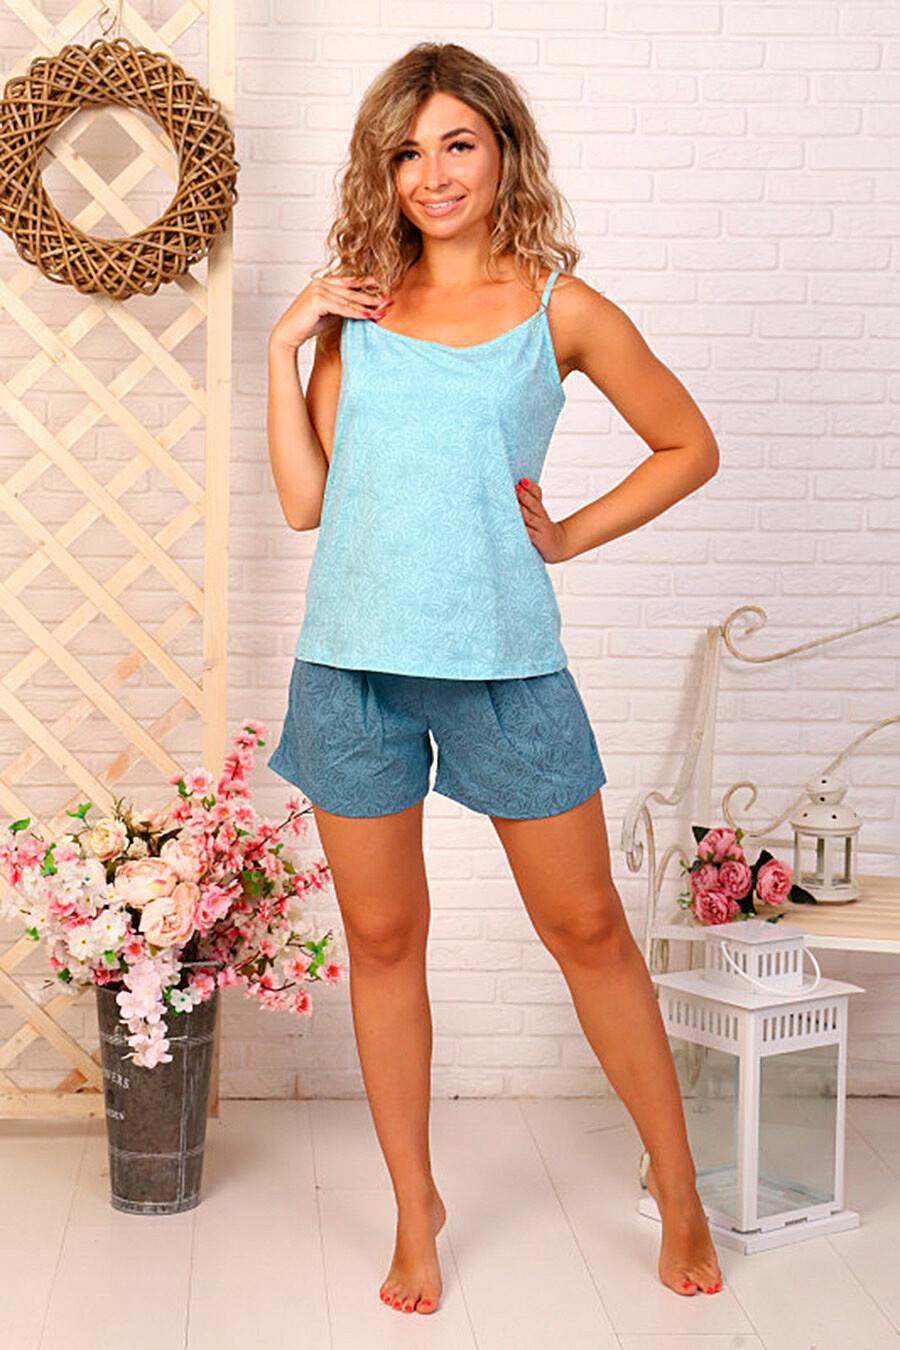 Костюм (Шорты+Топ) для женщин SOFIYA37 682276 купить оптом от производителя. Совместная покупка женской одежды в OptMoyo